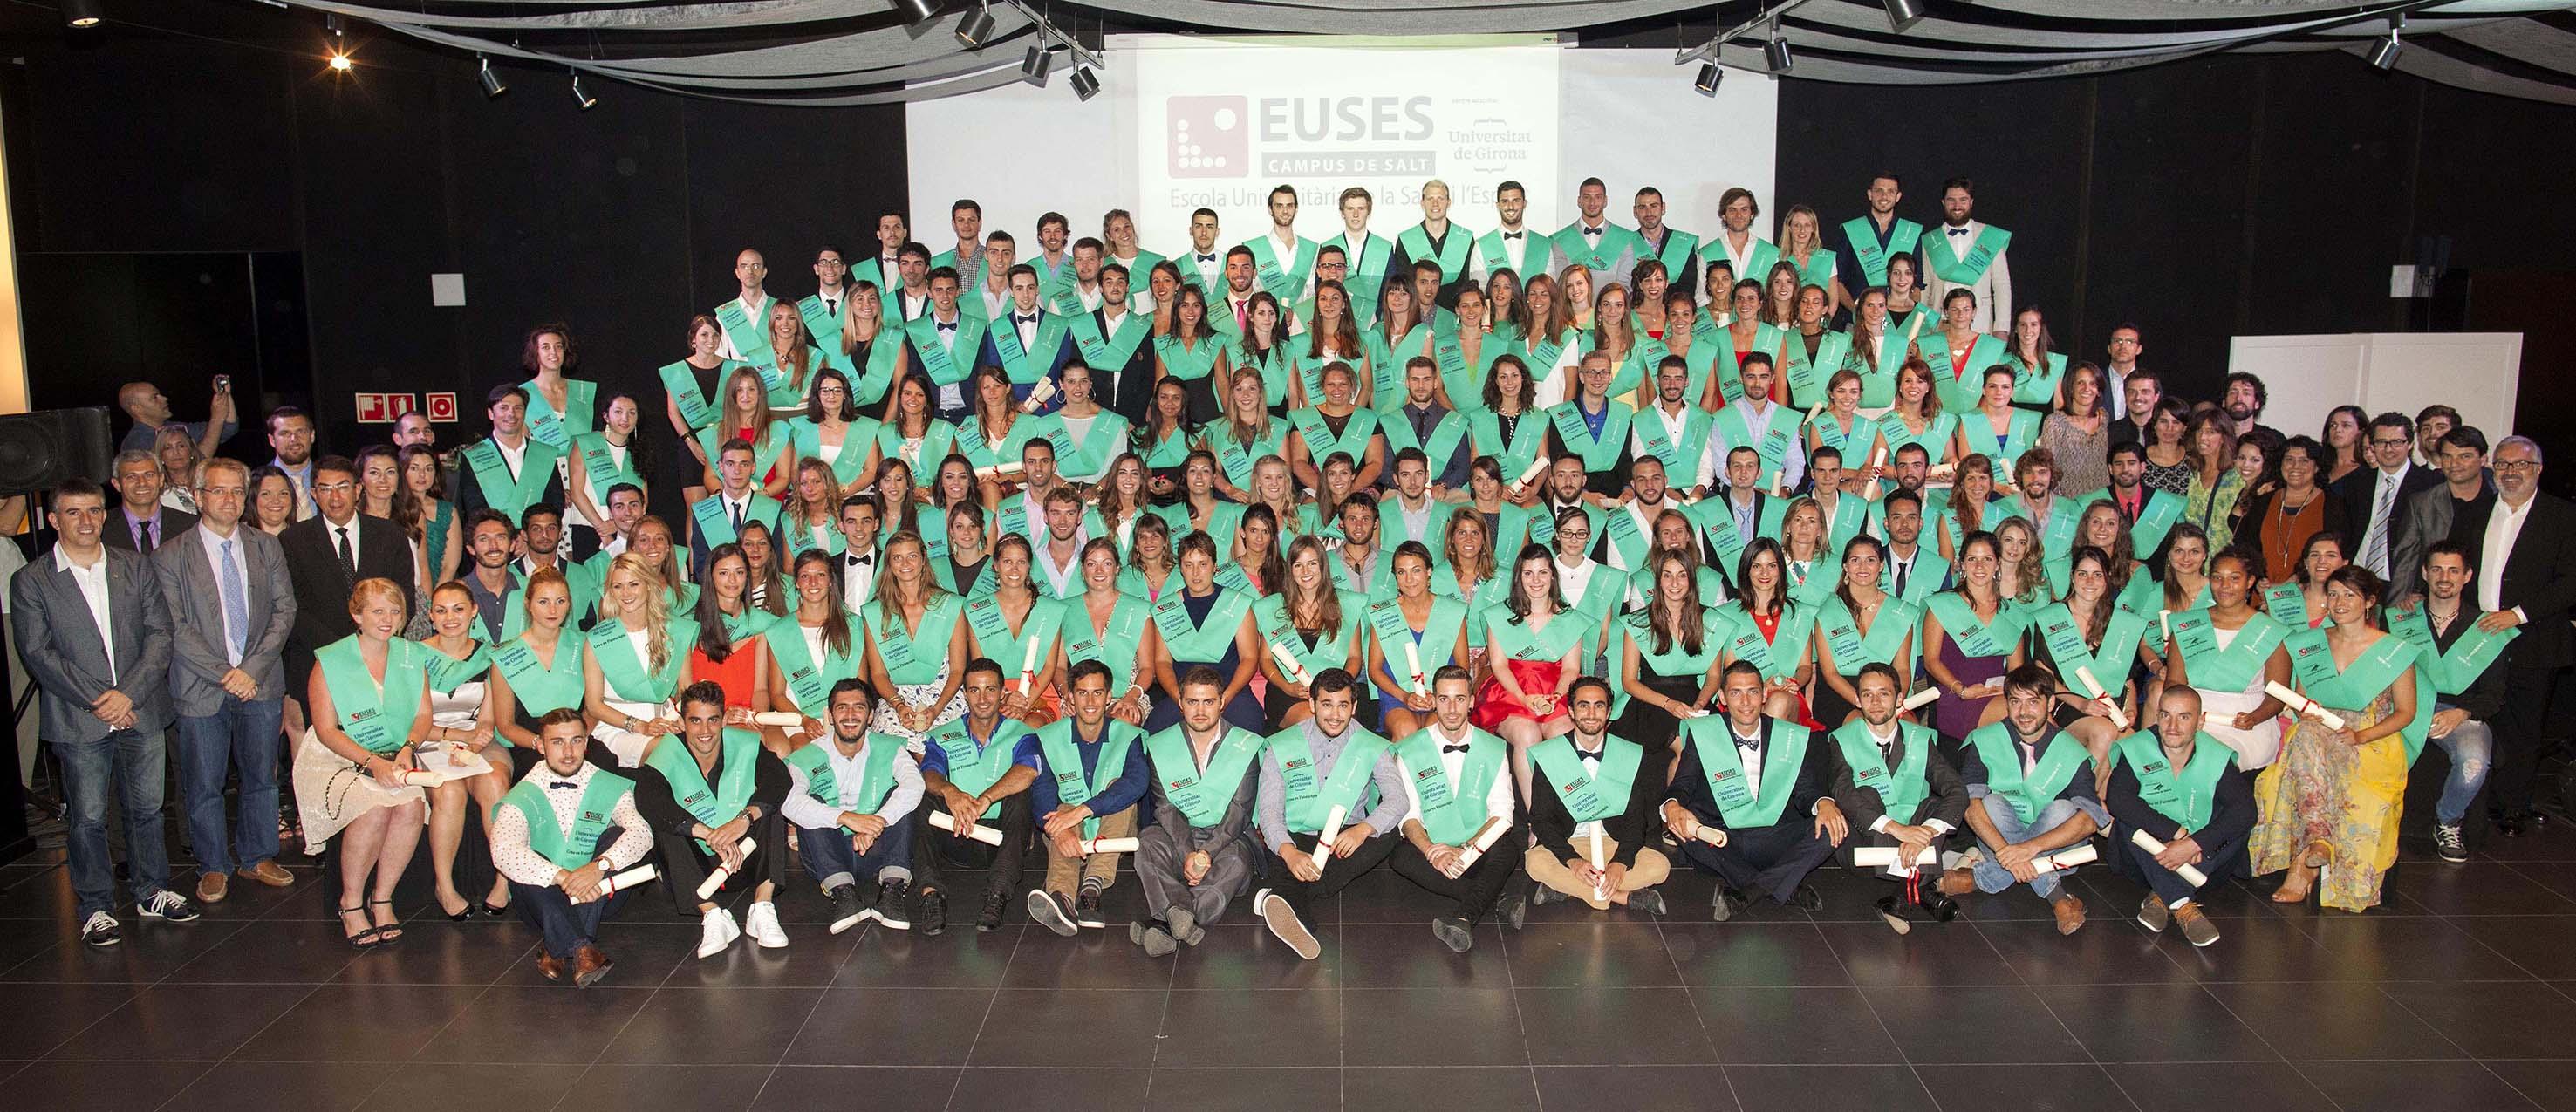 Acte de graduació de la promoció 2011-15 del Grau en Fisioteràpia de l'Escola Universitària de la Salut i de l'Esport